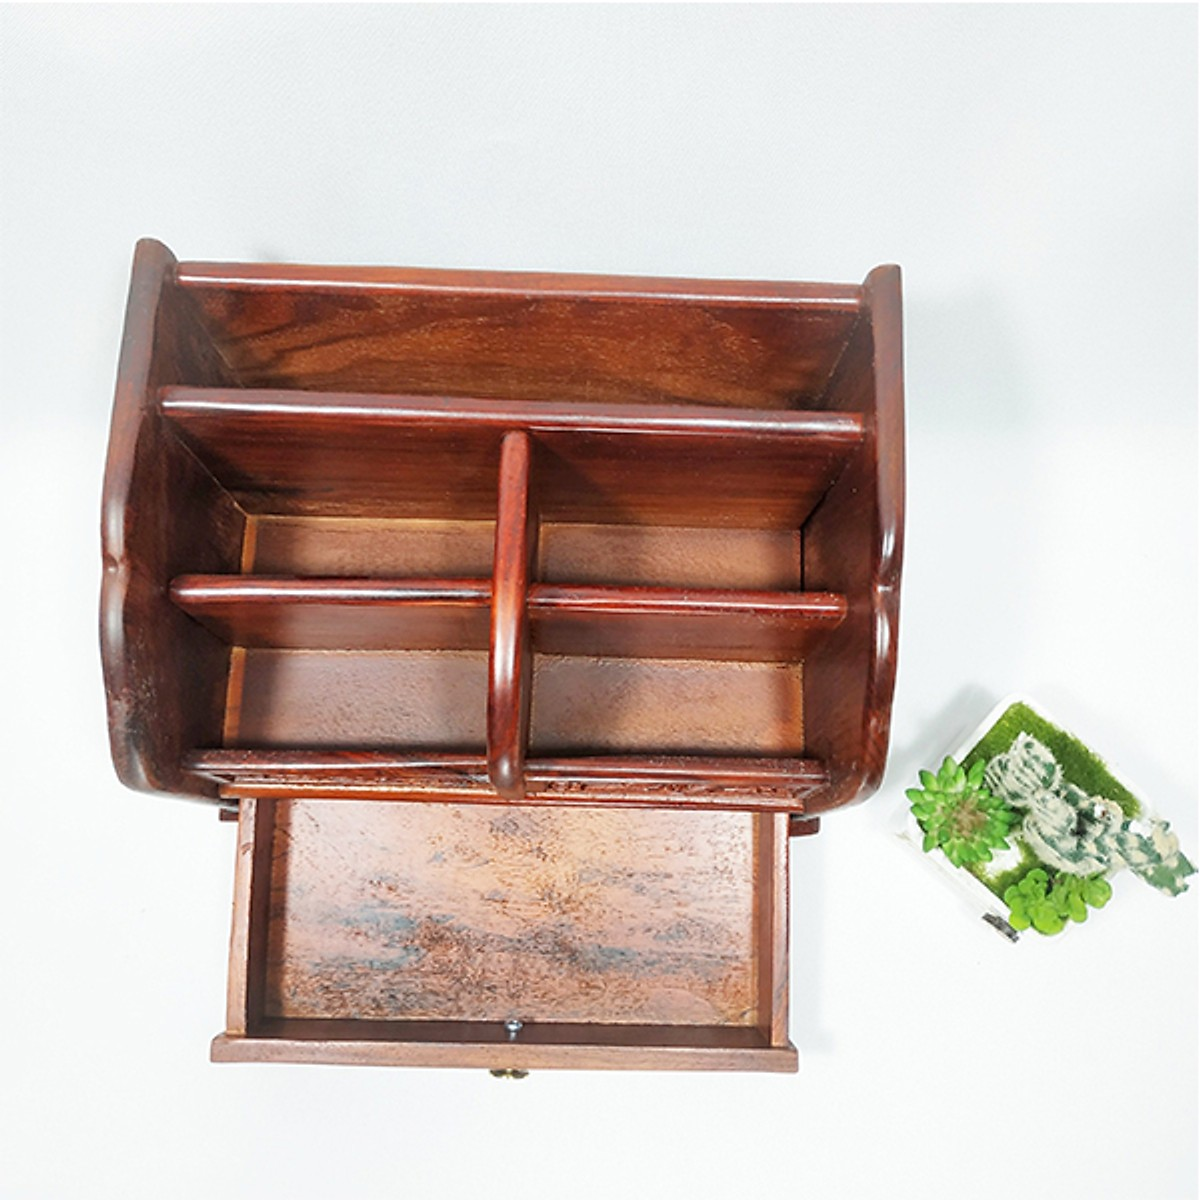 Giá gỗ - Giá sách - Giá tài liệu - Giá gỗ hương cao cấp LIGHT WOOD